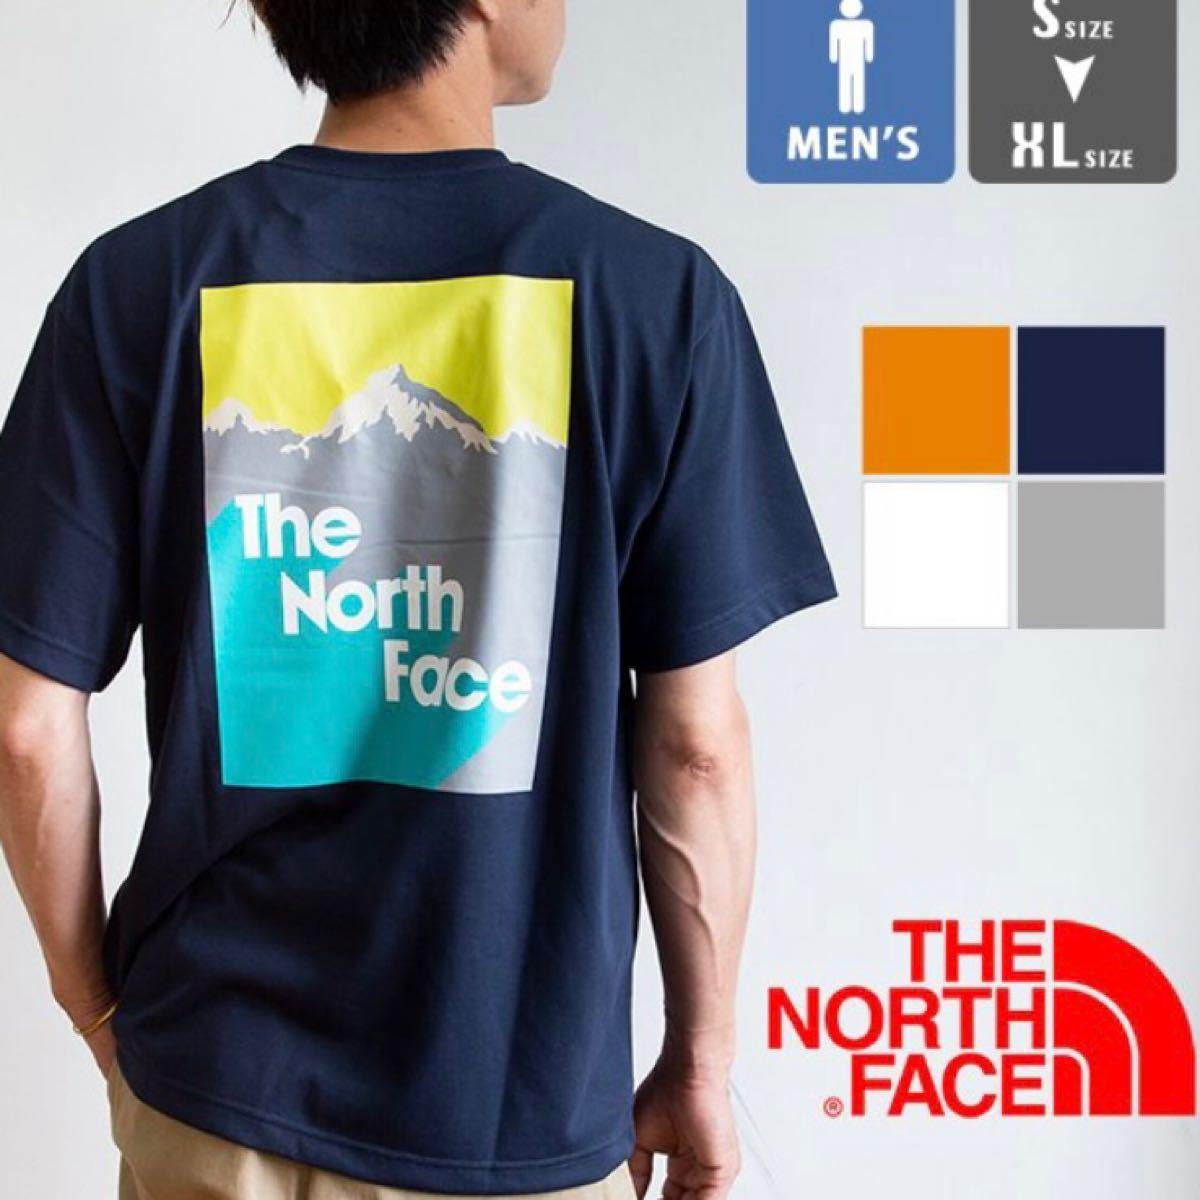 THE NORTH FACE ザノースフェイス 半袖Tシャツ